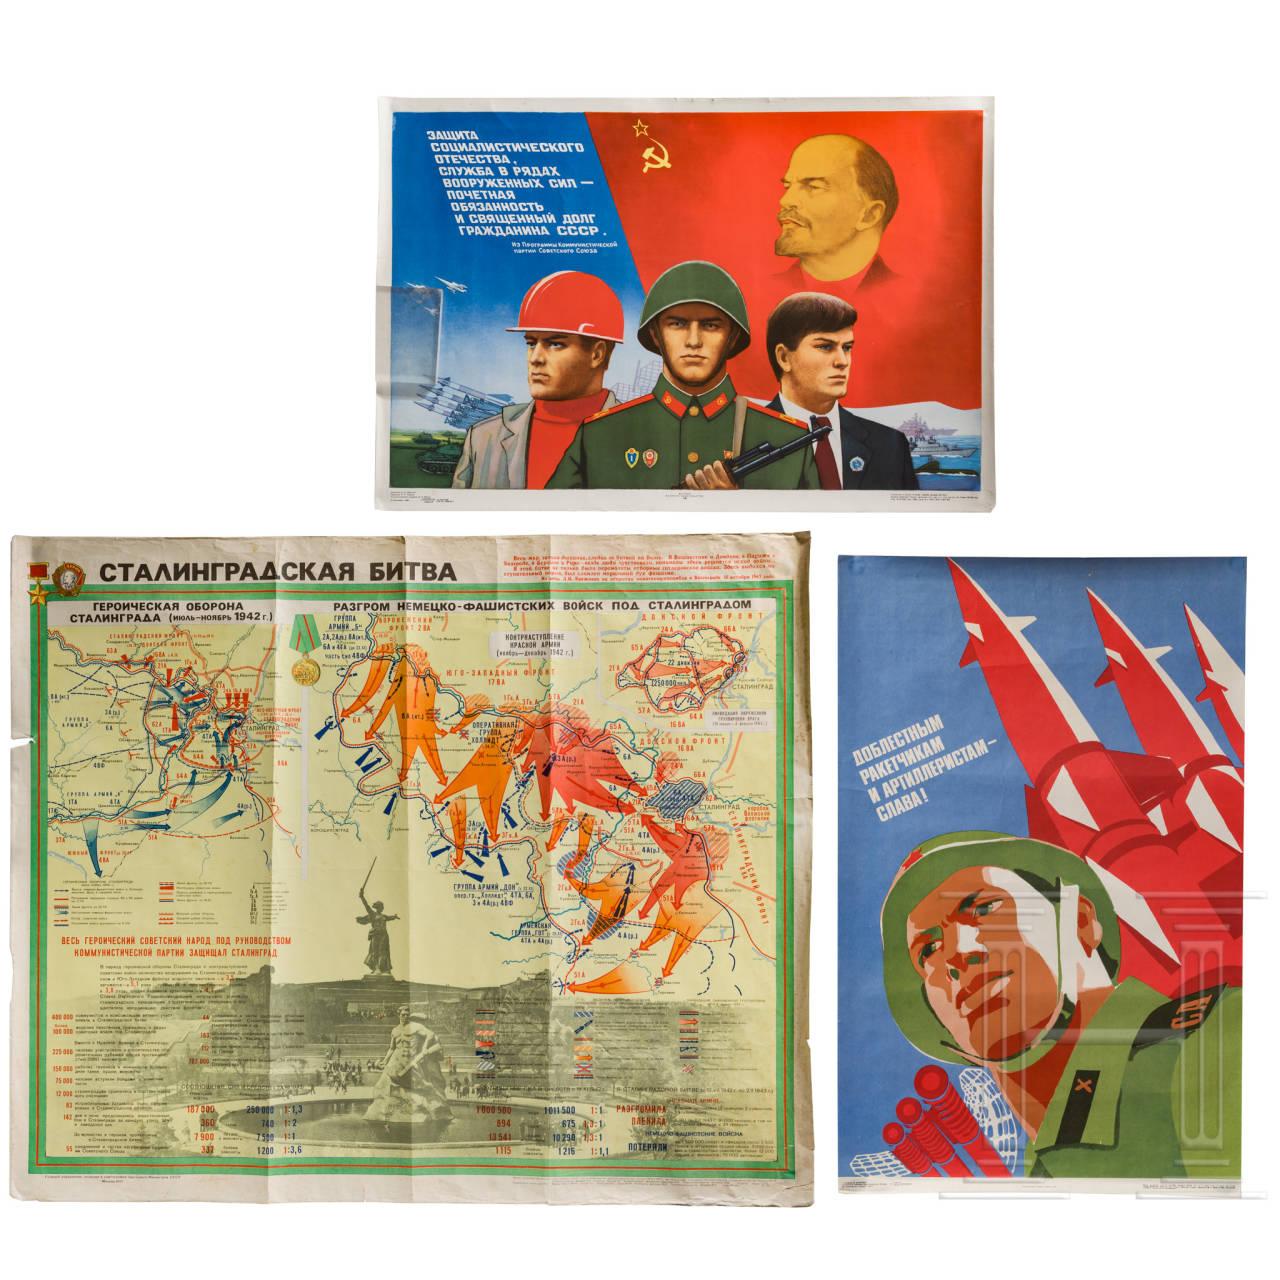 Drei Propagandaplakate zum Militär, 1970er/80er Jahre